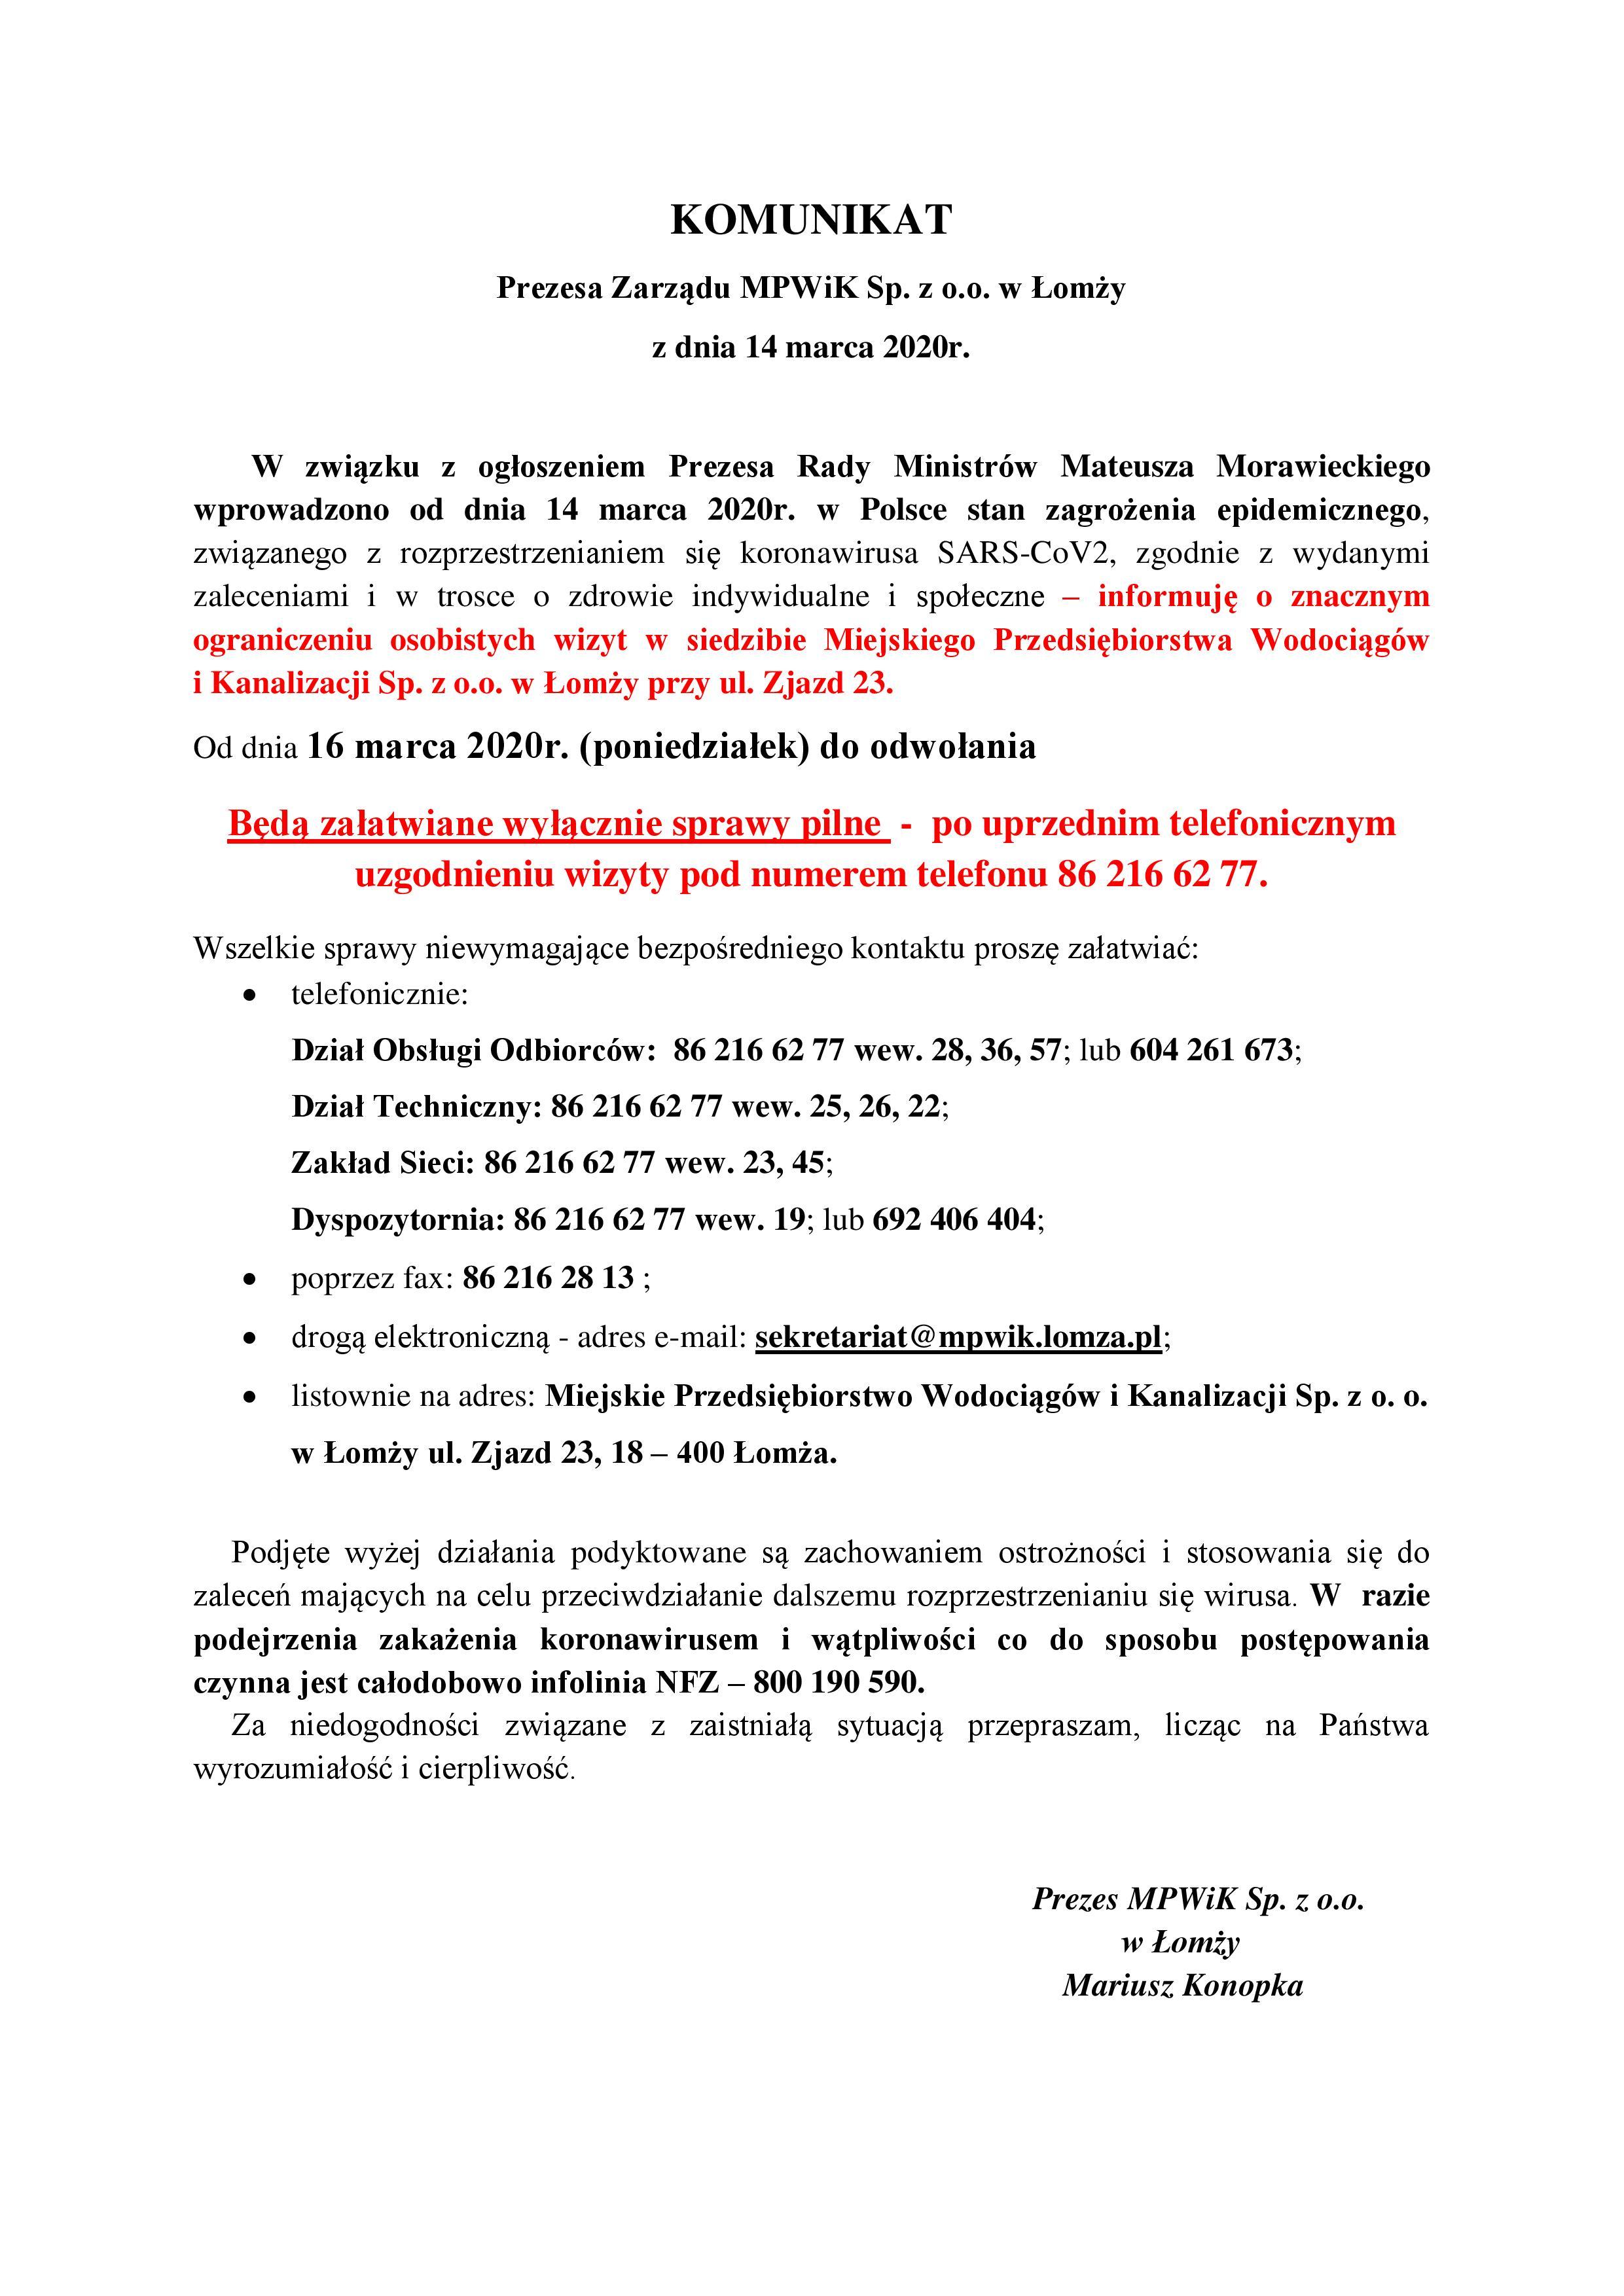 200314 Komunikat Prezesa MPWiK PDF-page-001